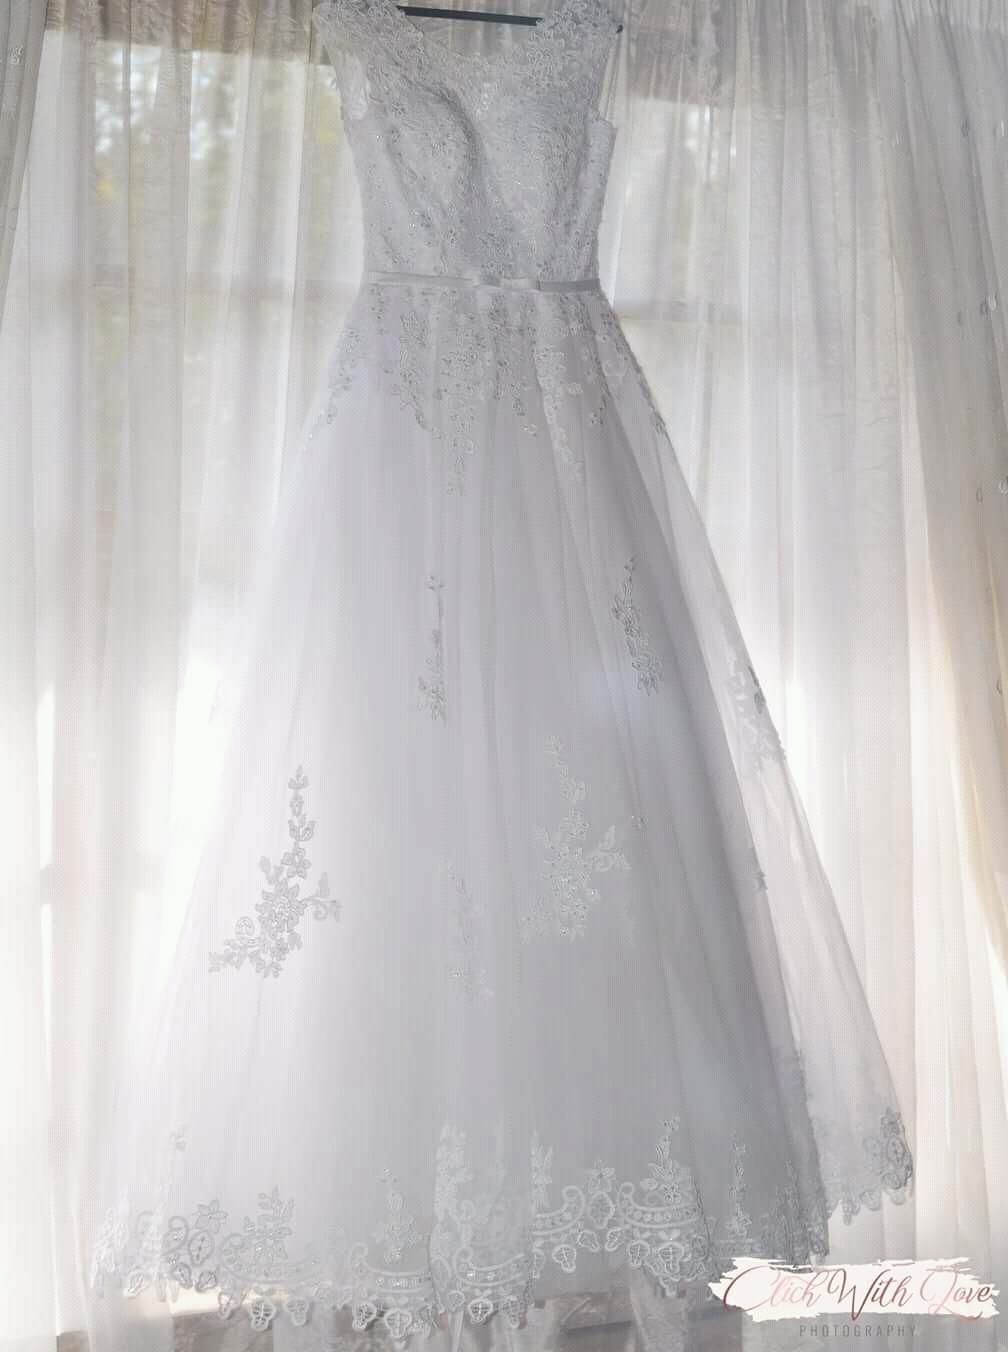 Ballroom Wedding Dress | Junk Mail